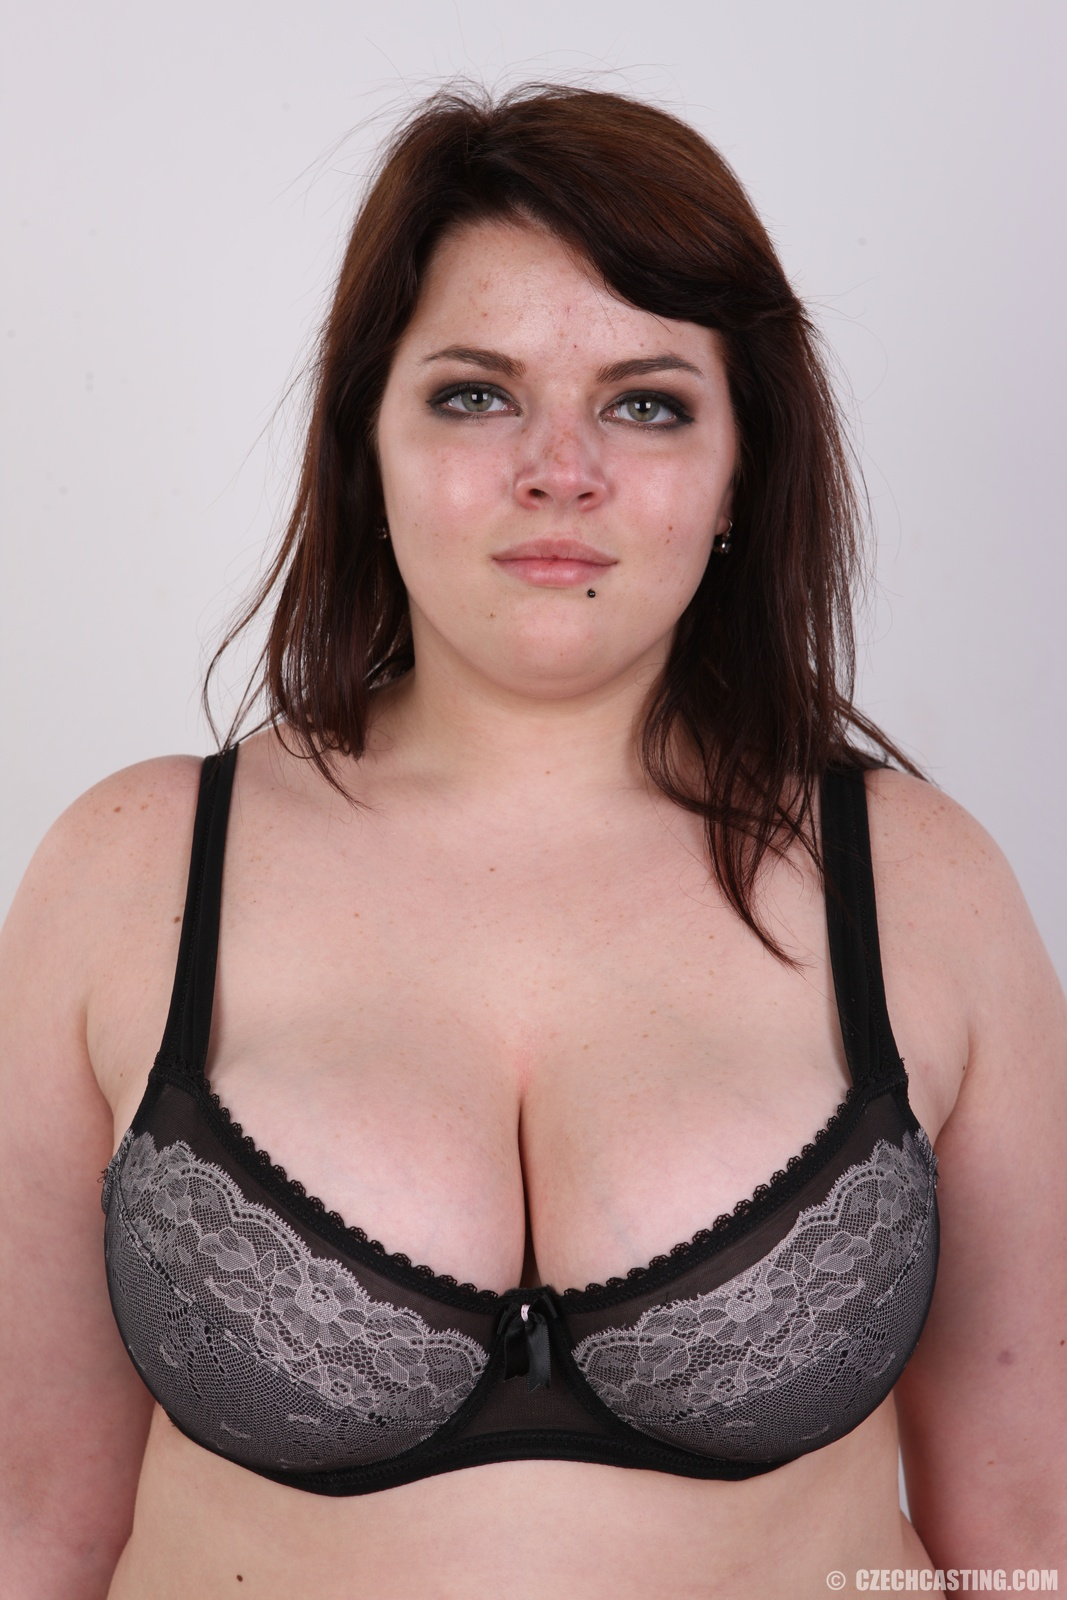 Pics of naked men women